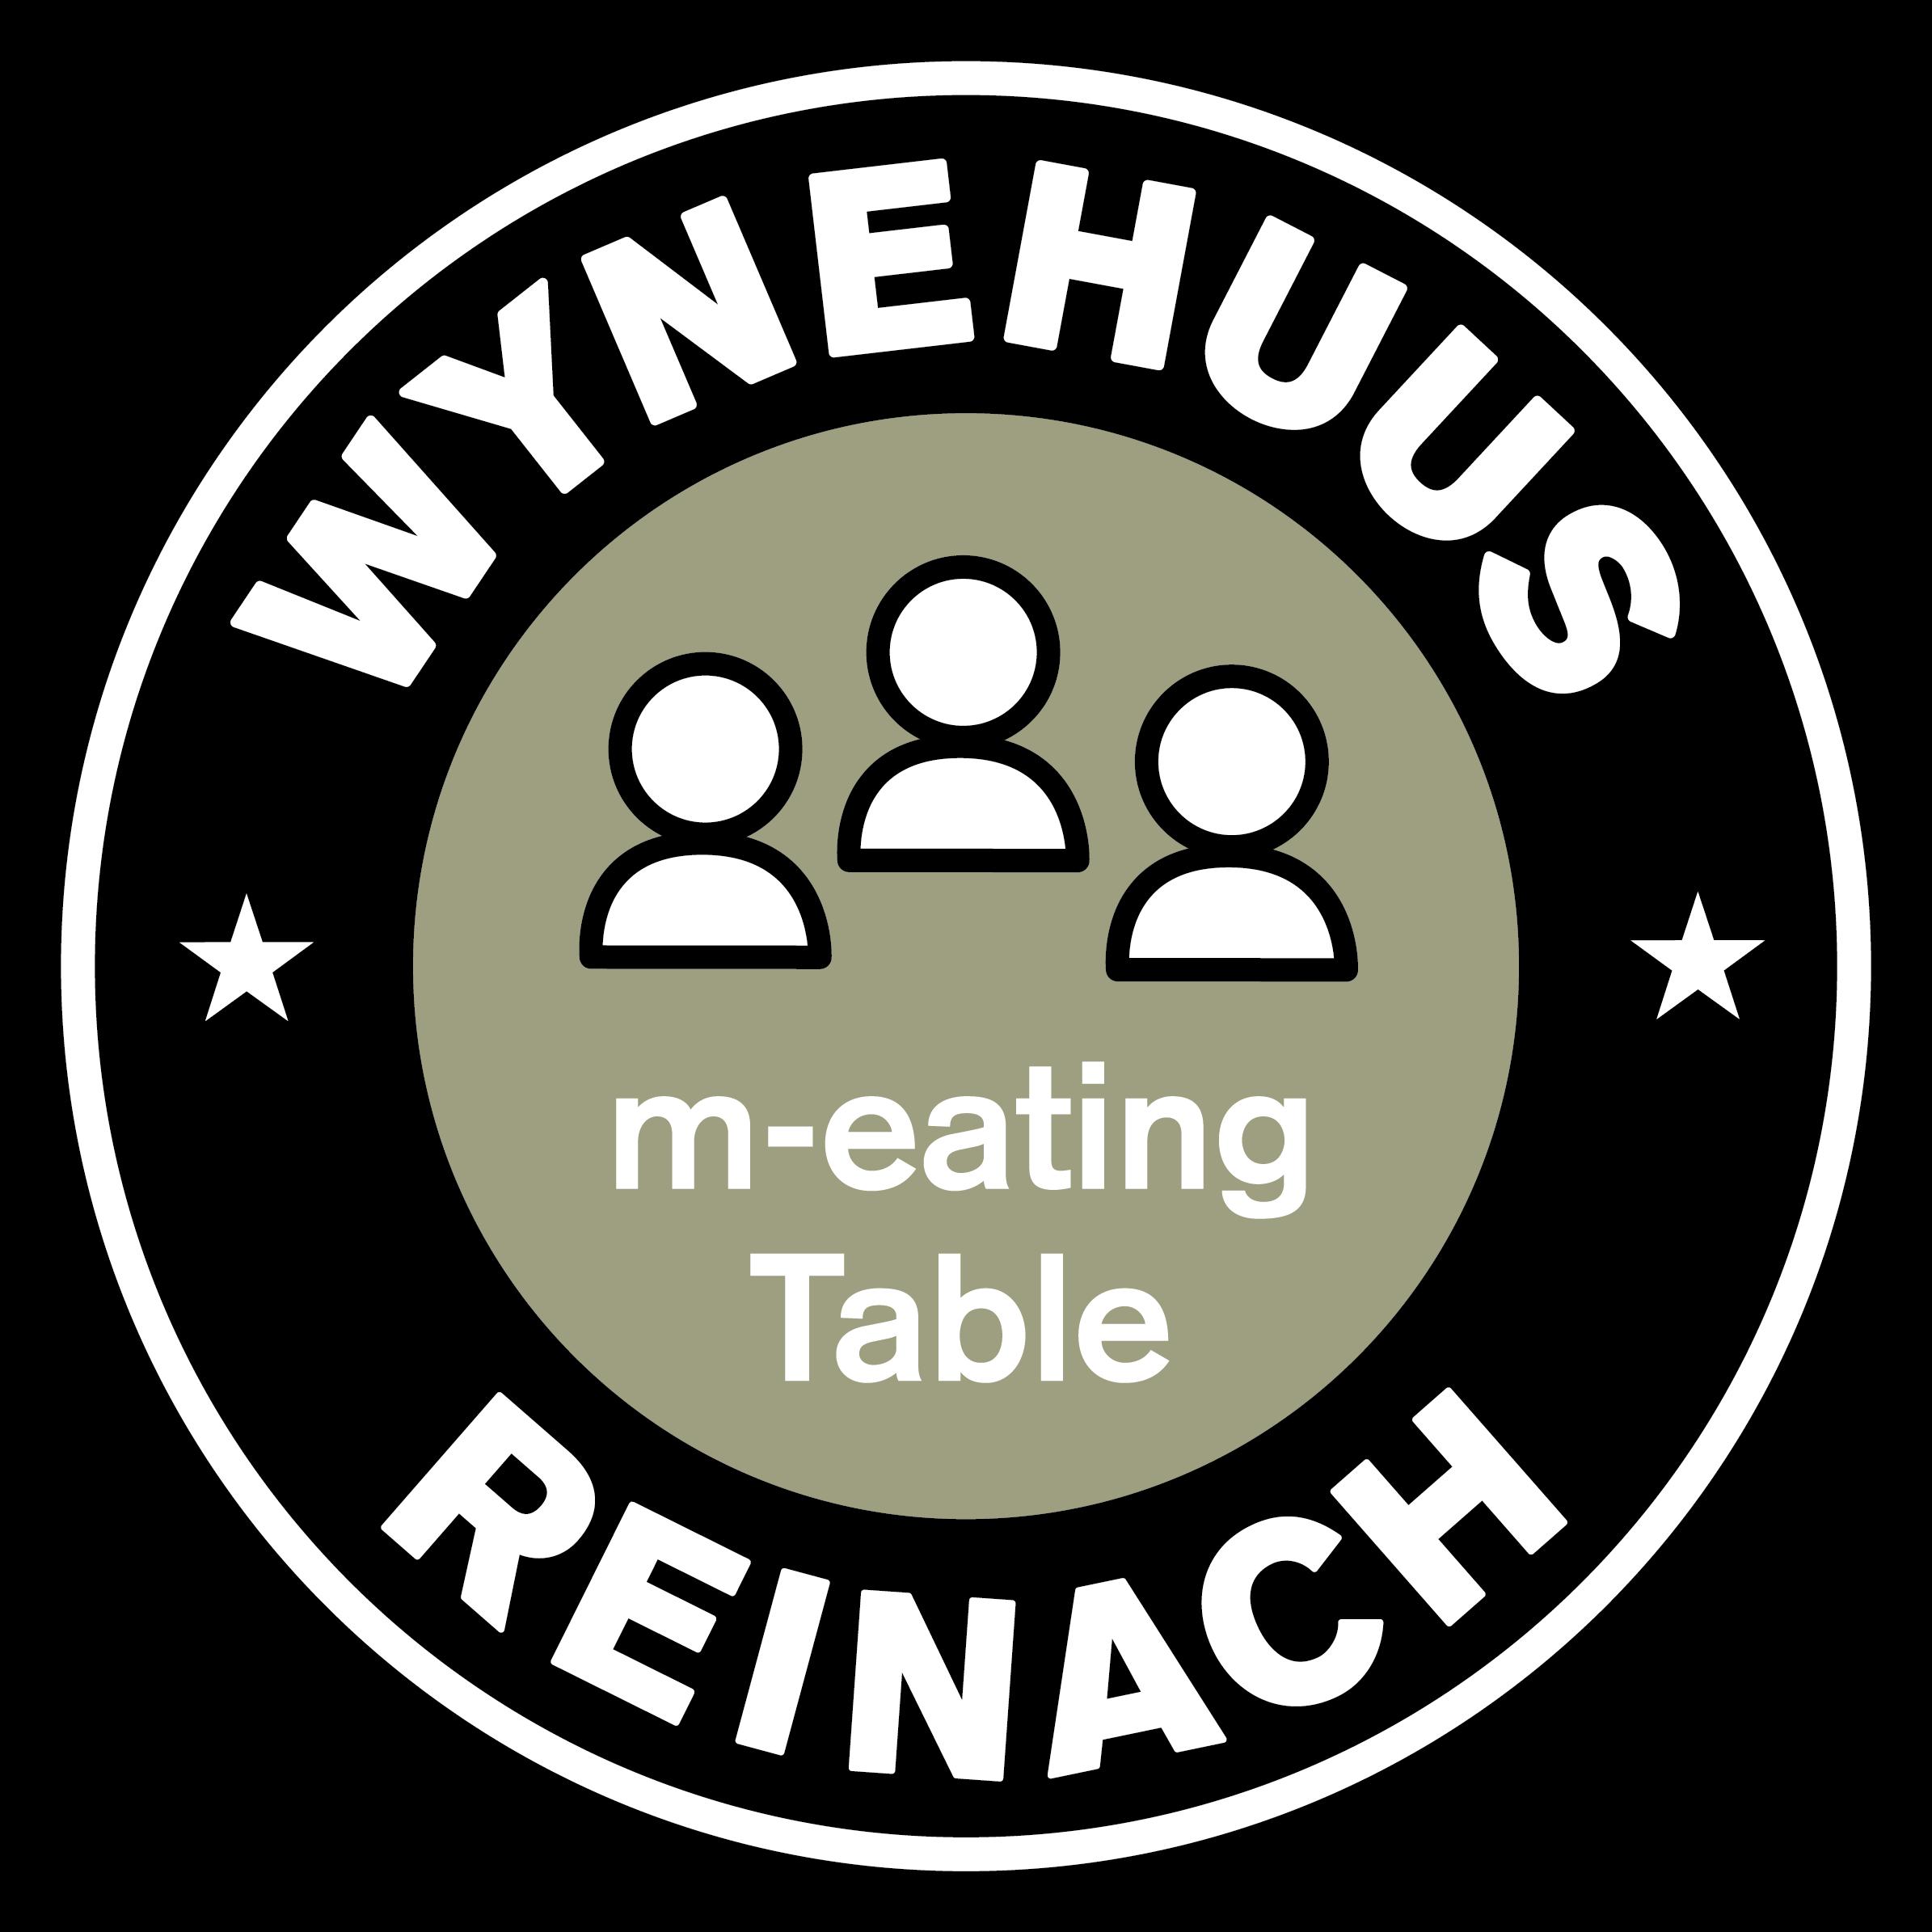 Wynehuus_eating_Table